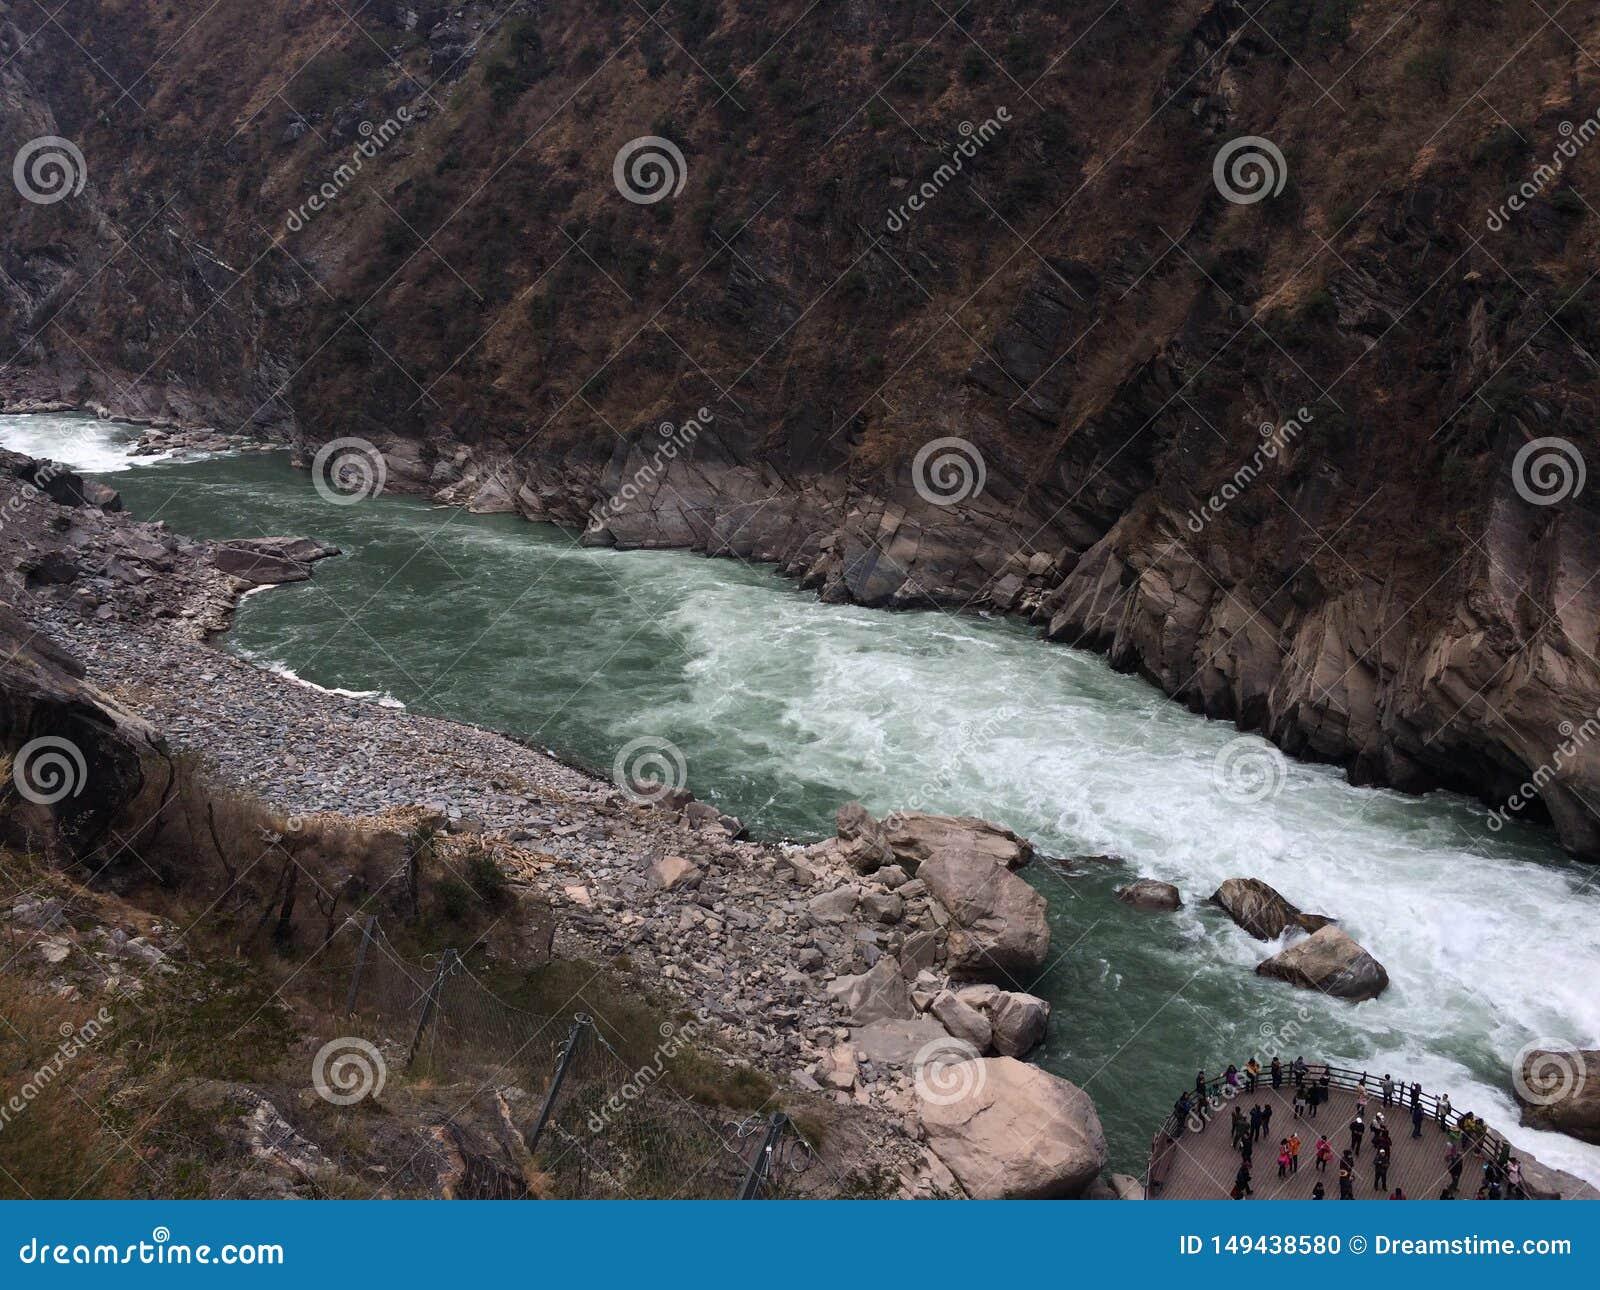 飞跃峡谷香格里拉云南中国的老虎